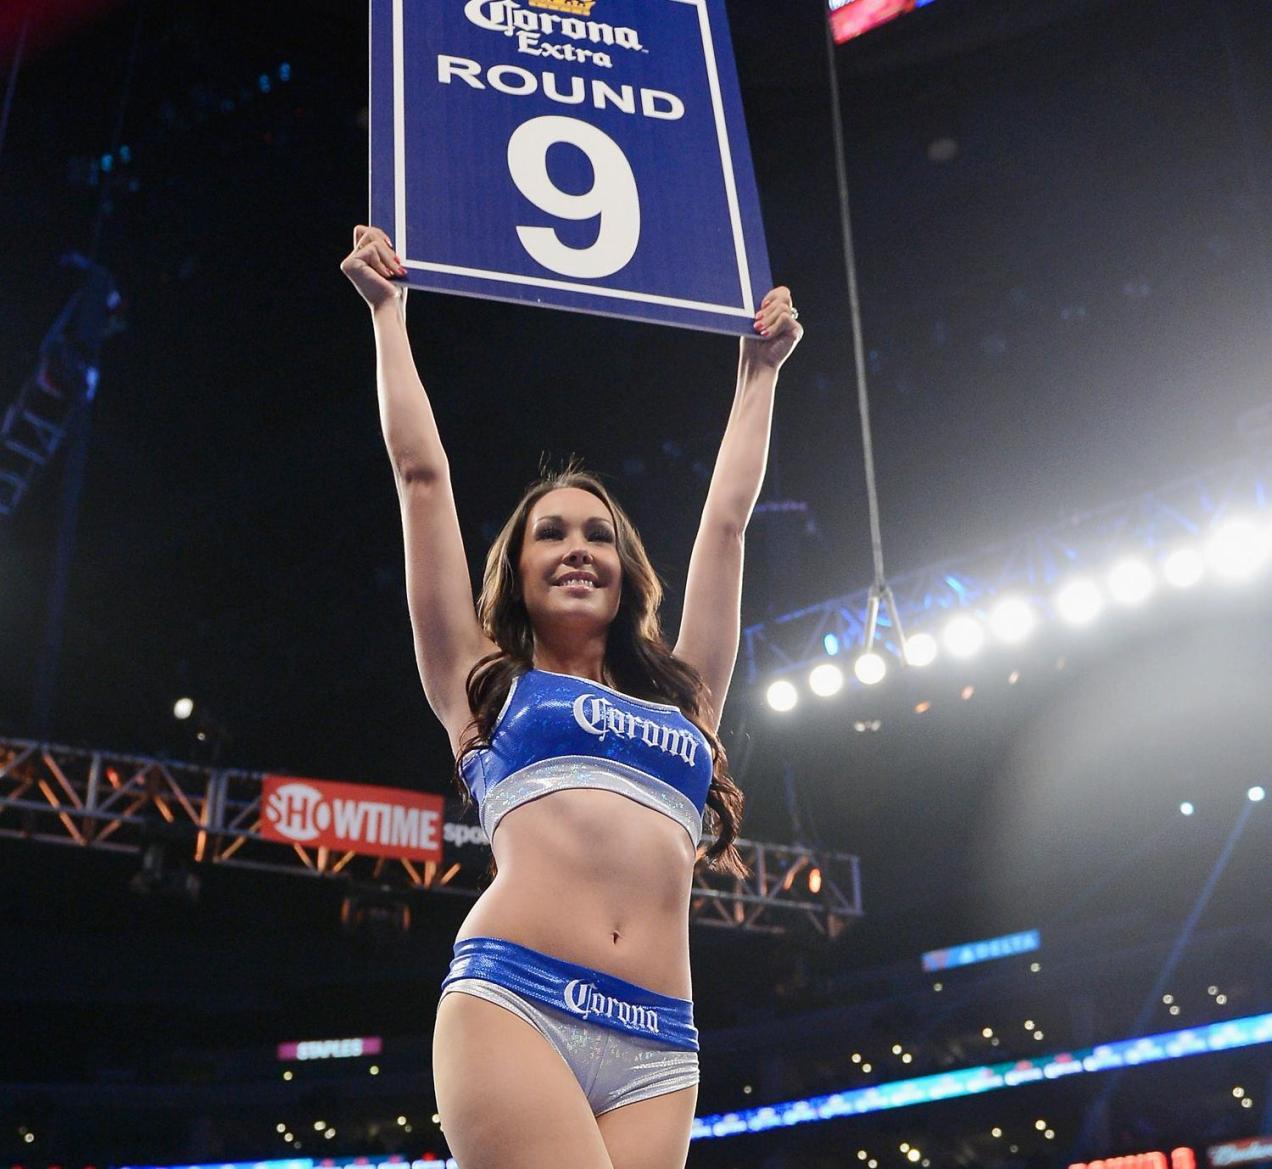 boxing-ring-girl.jpg